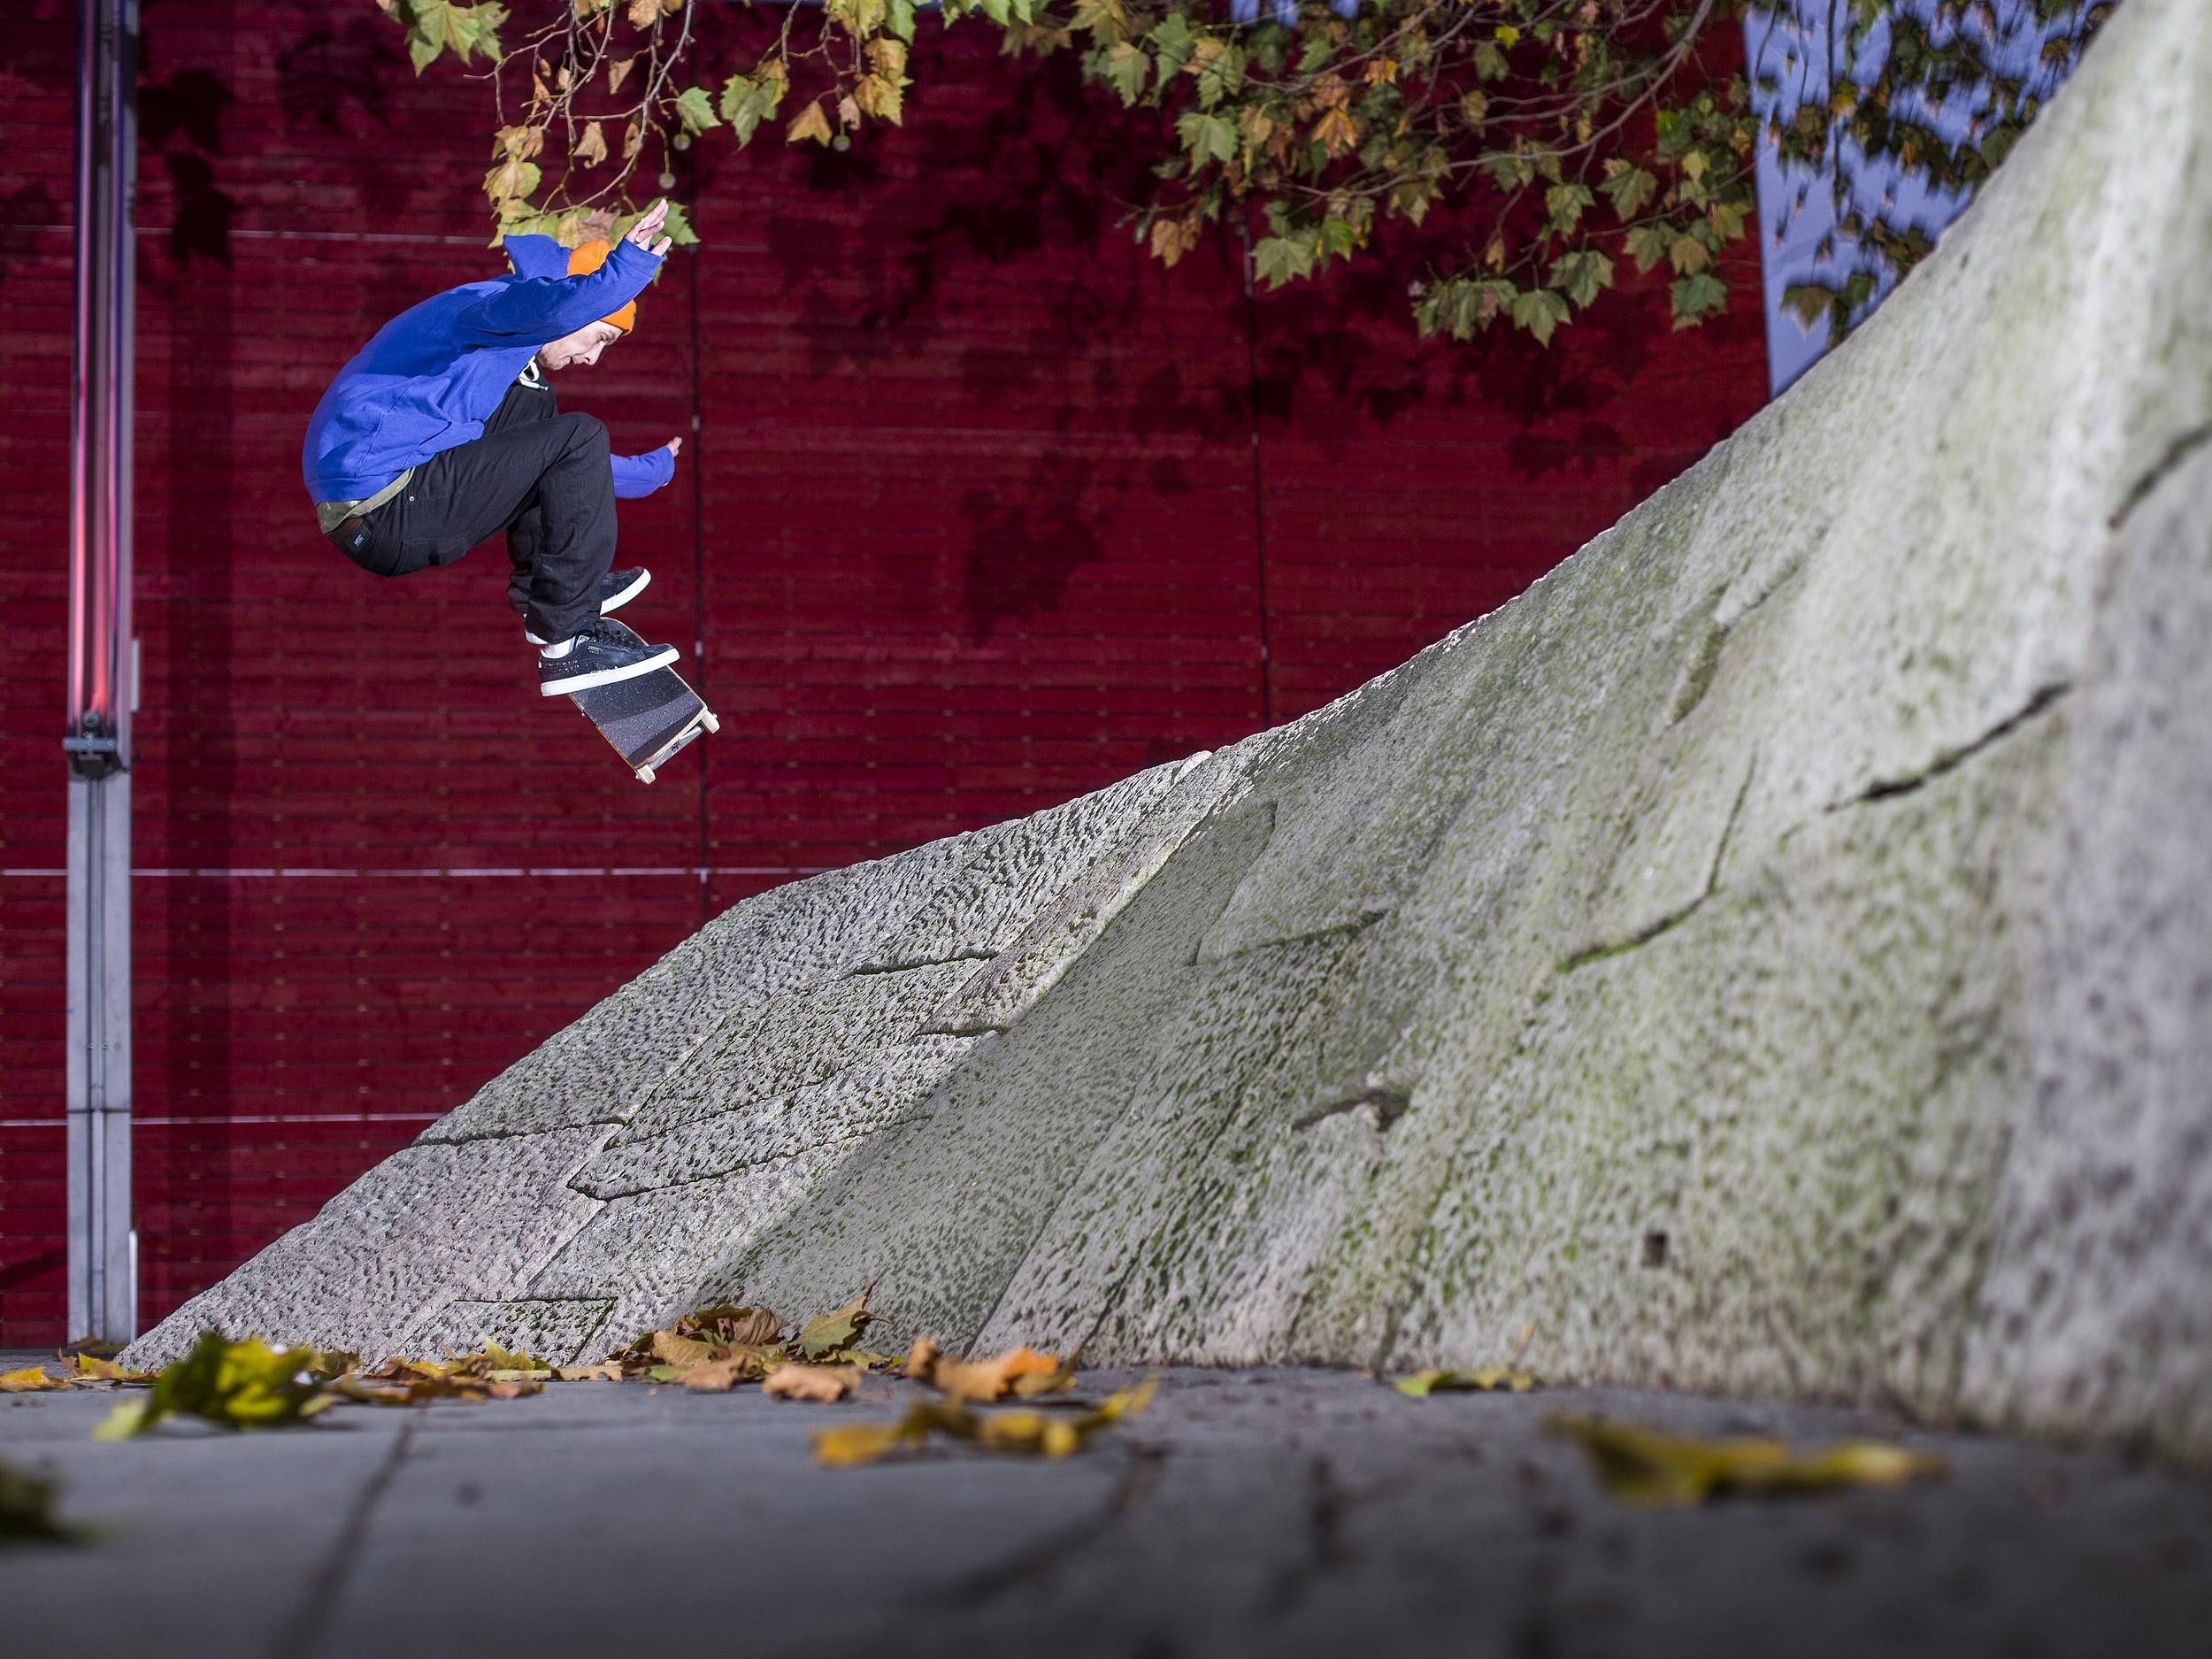 Mark Baines - nollie frontside heelflip